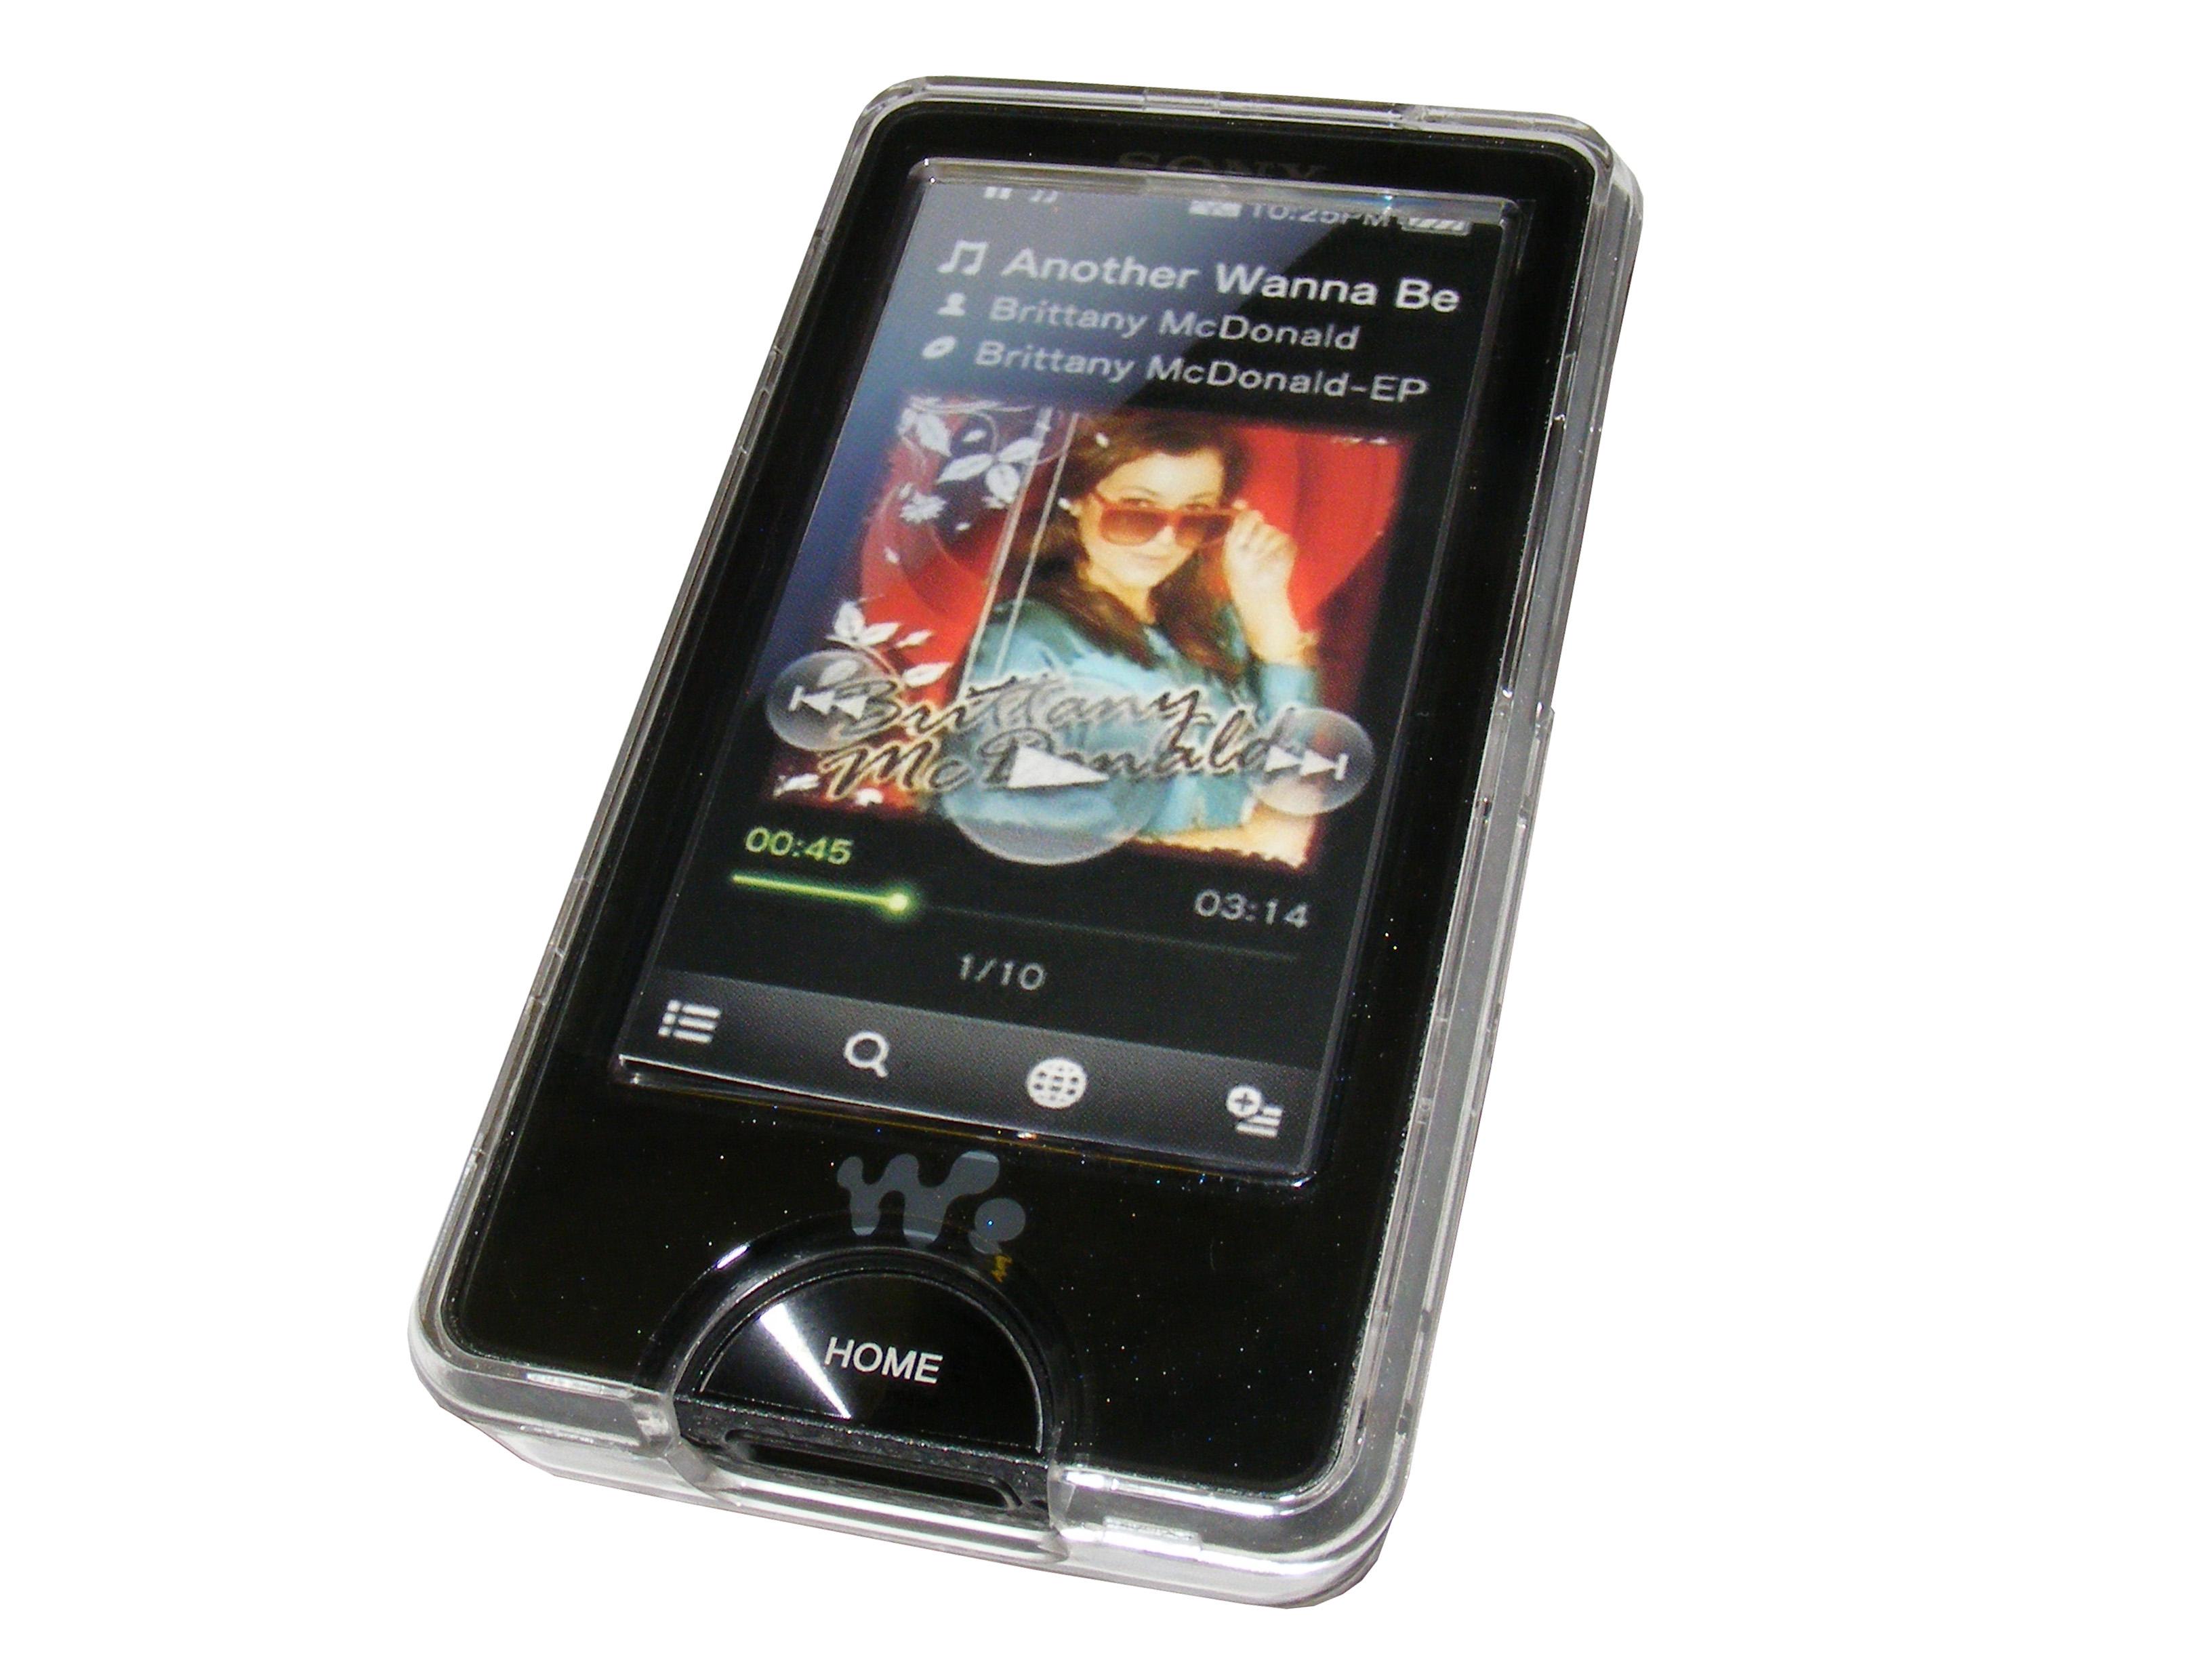 Sony Walkman X1000